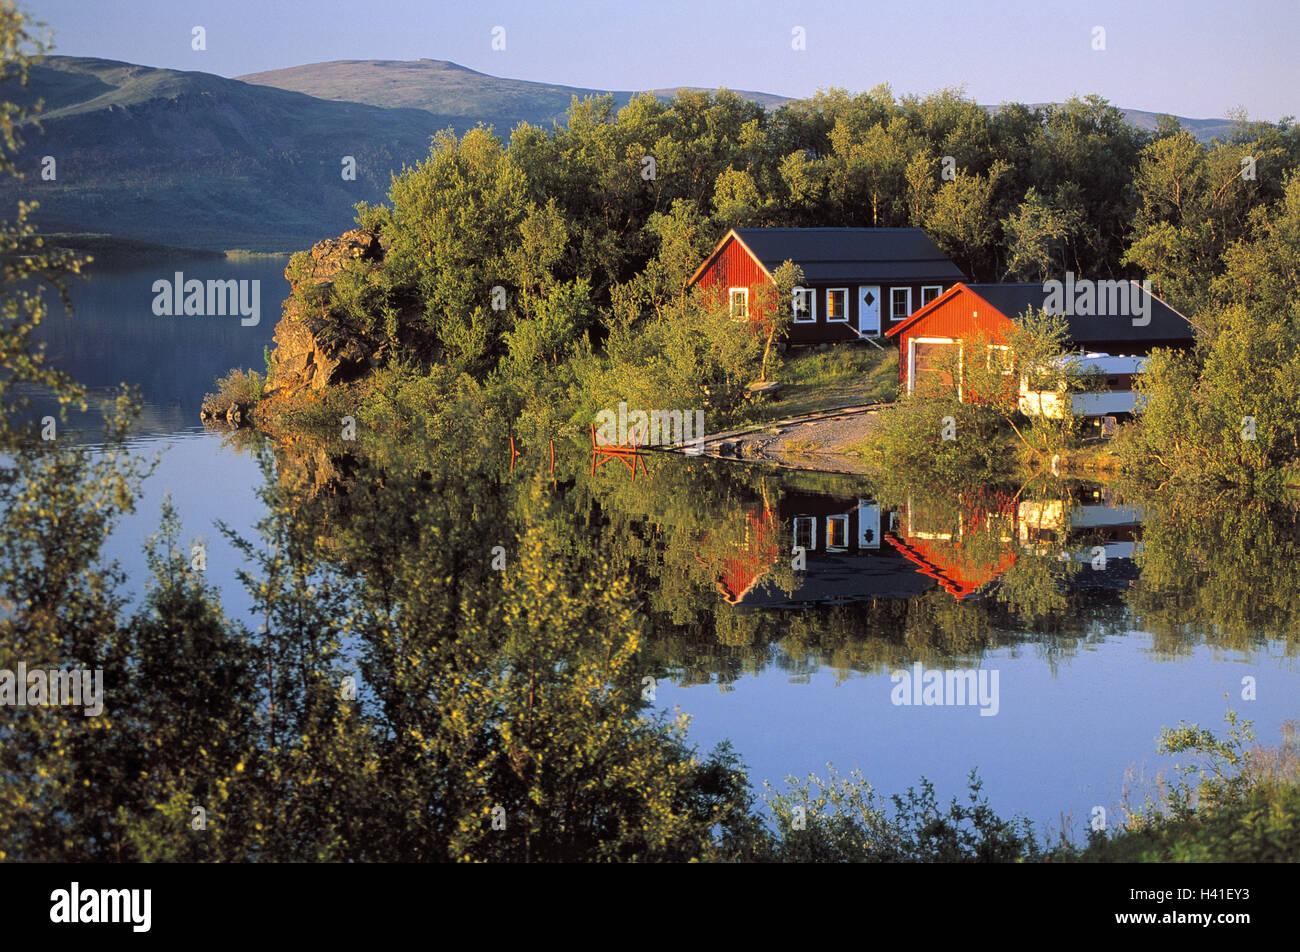 Maison Ossature Bois Suede la suède, laponie, fjord, rive, maisons en bois, d'un hangar